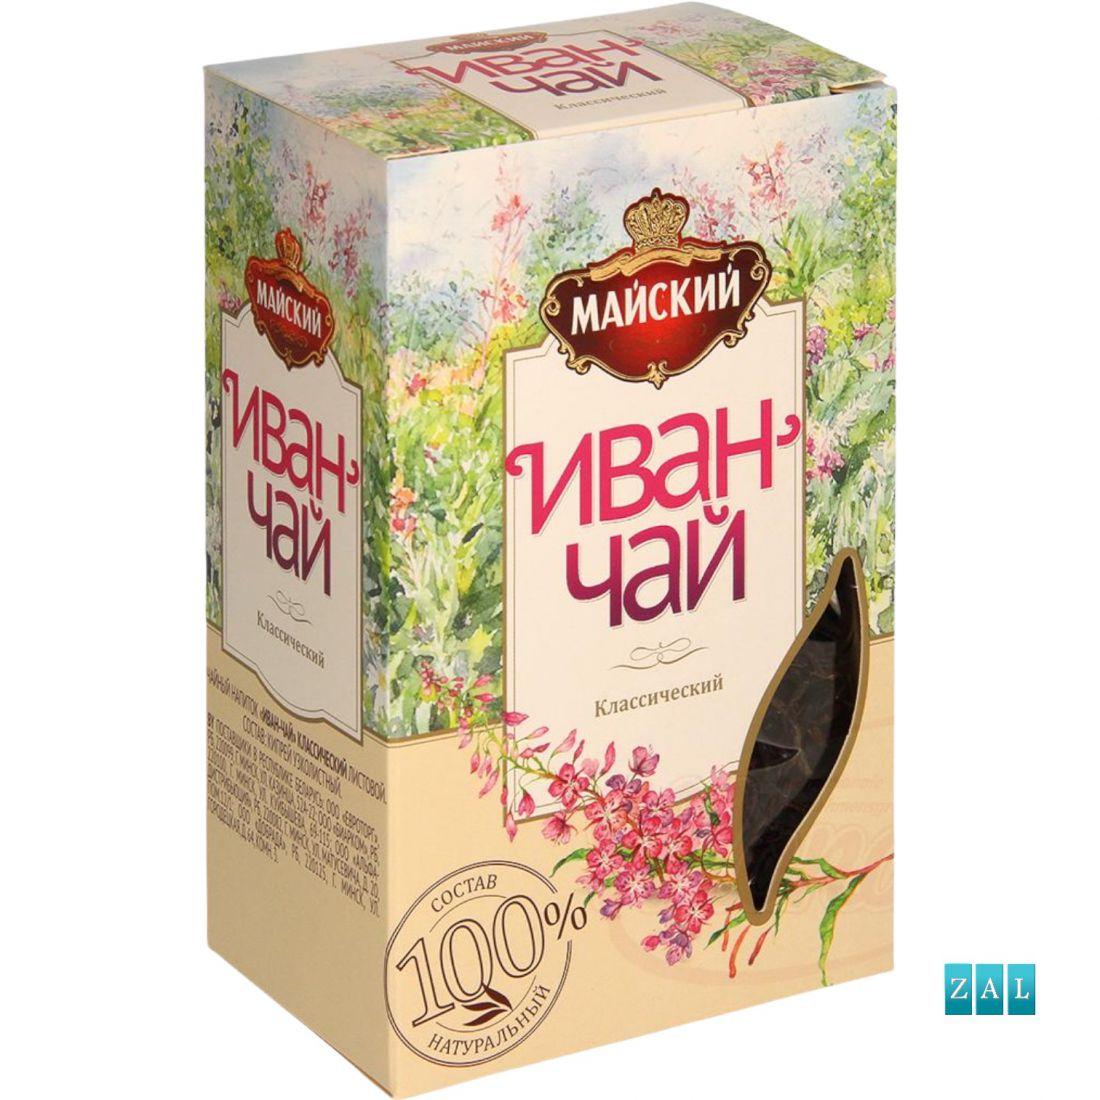 IVAN-tea 50g